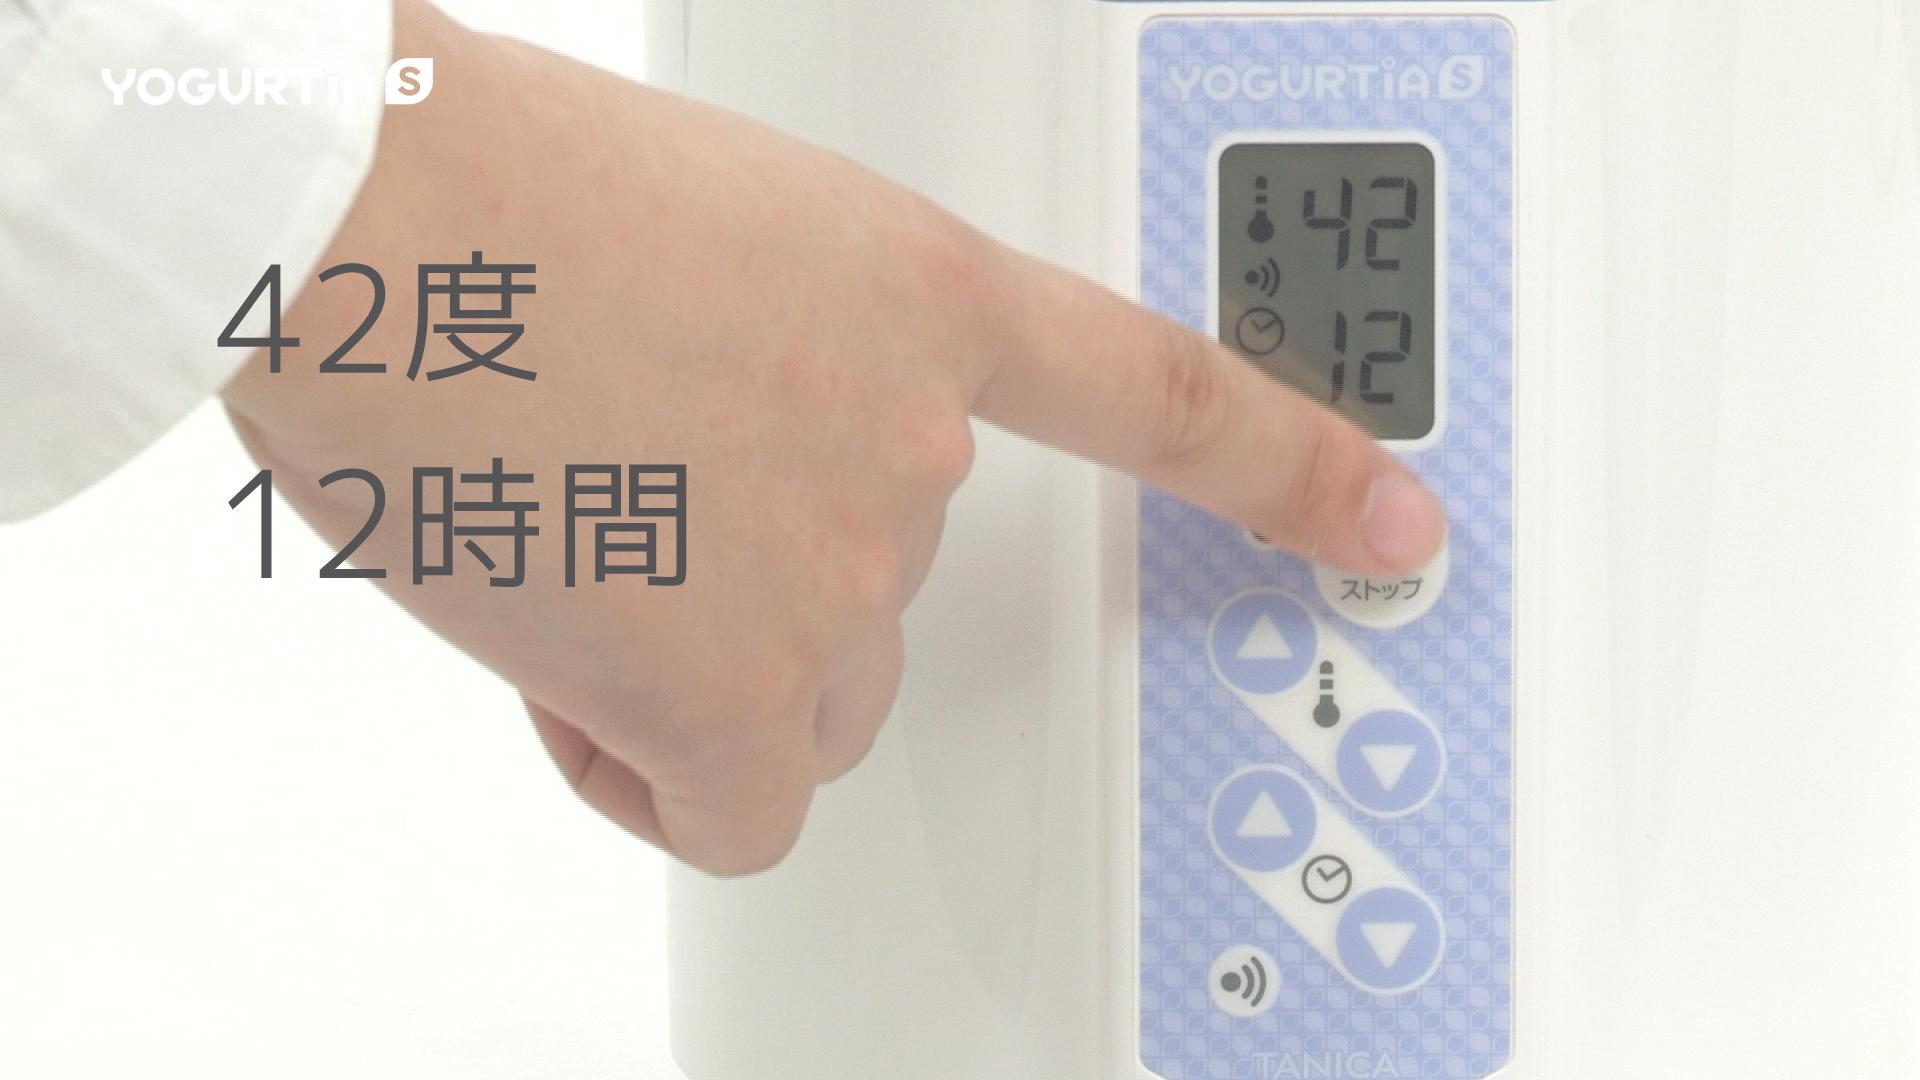 あとは温度を42度、タイマーを12時間にセットスタート。